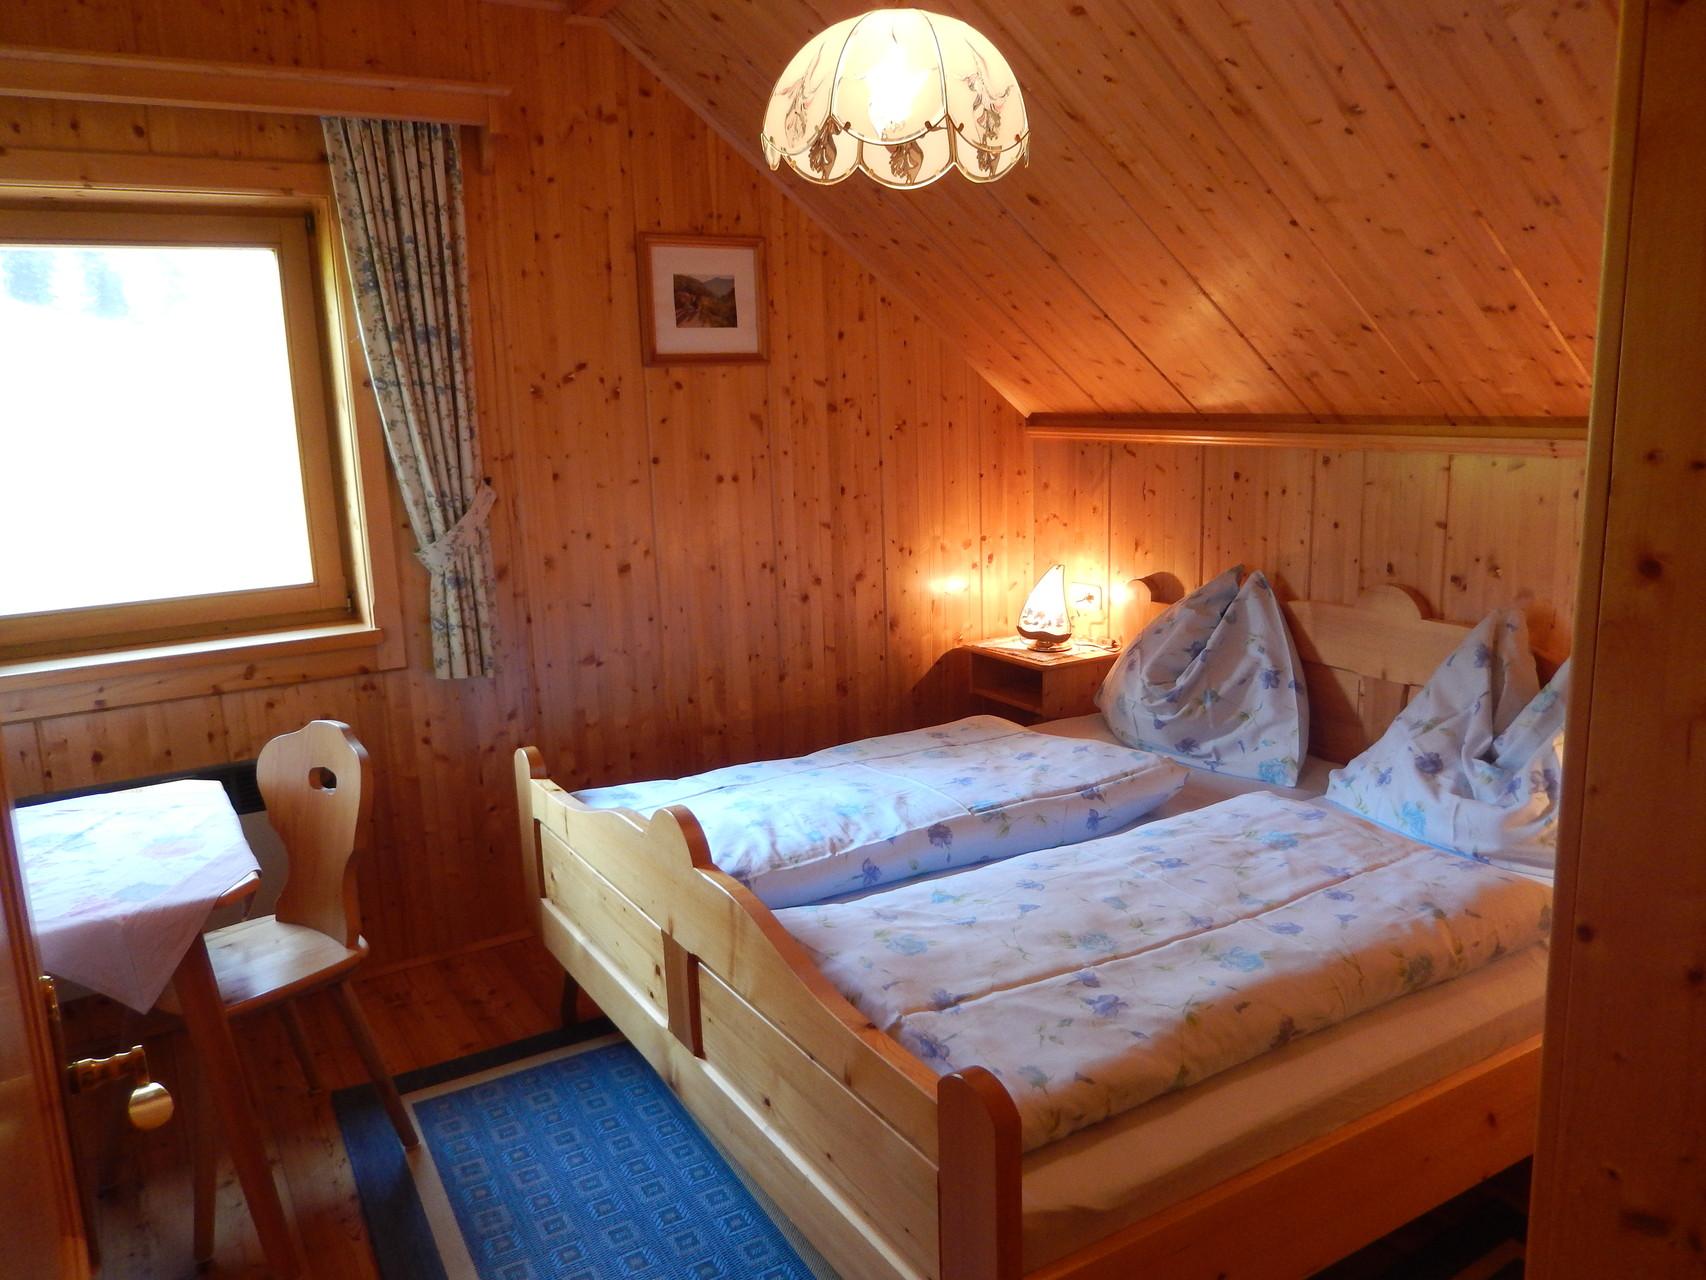 Schlafzimmer 1 von 2 im Kleinen Ferienhaus Koglerhütte